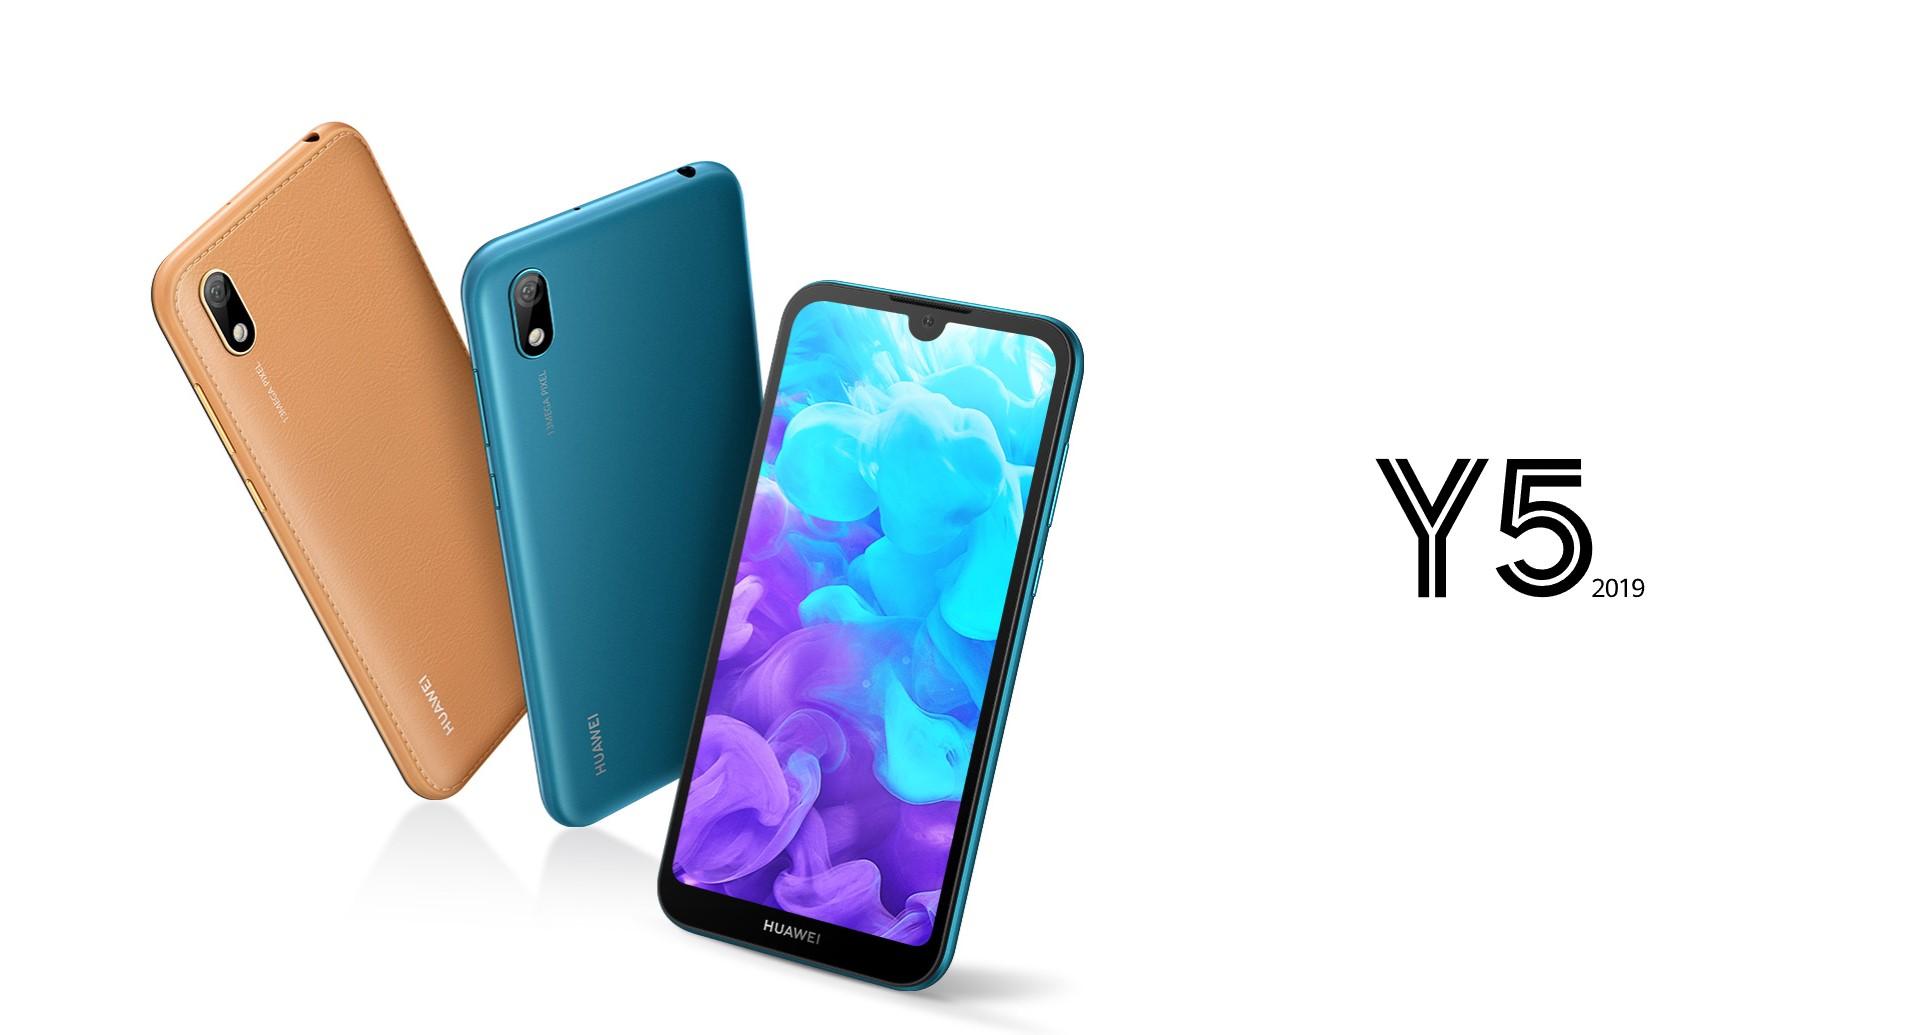 Huawei Y5 2019 aneb novinka do nejnižší třídy